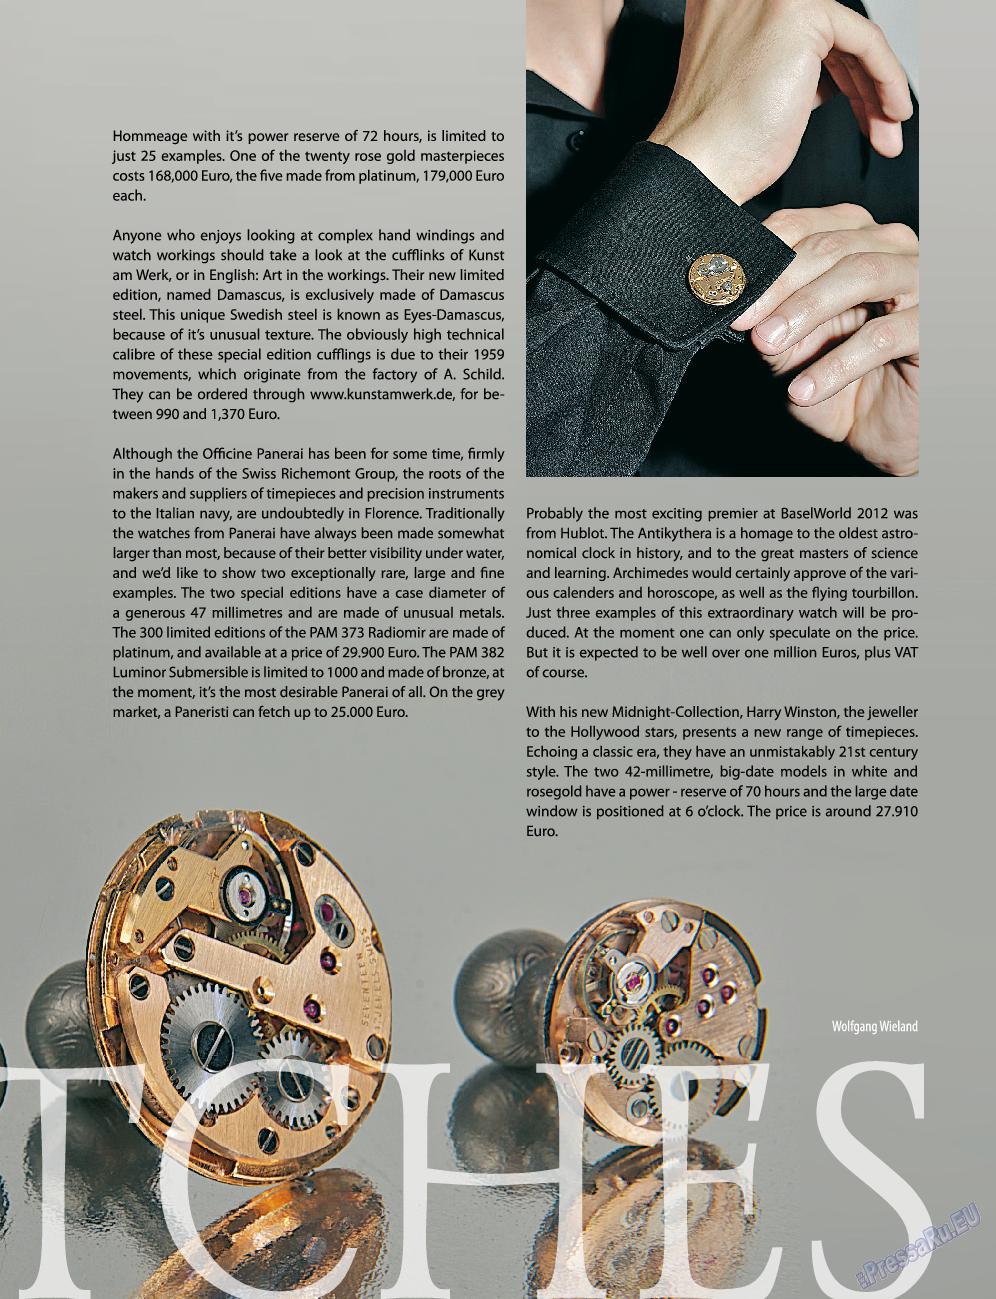 Клан (журнал). 2012 год, номер 2, стр. 29